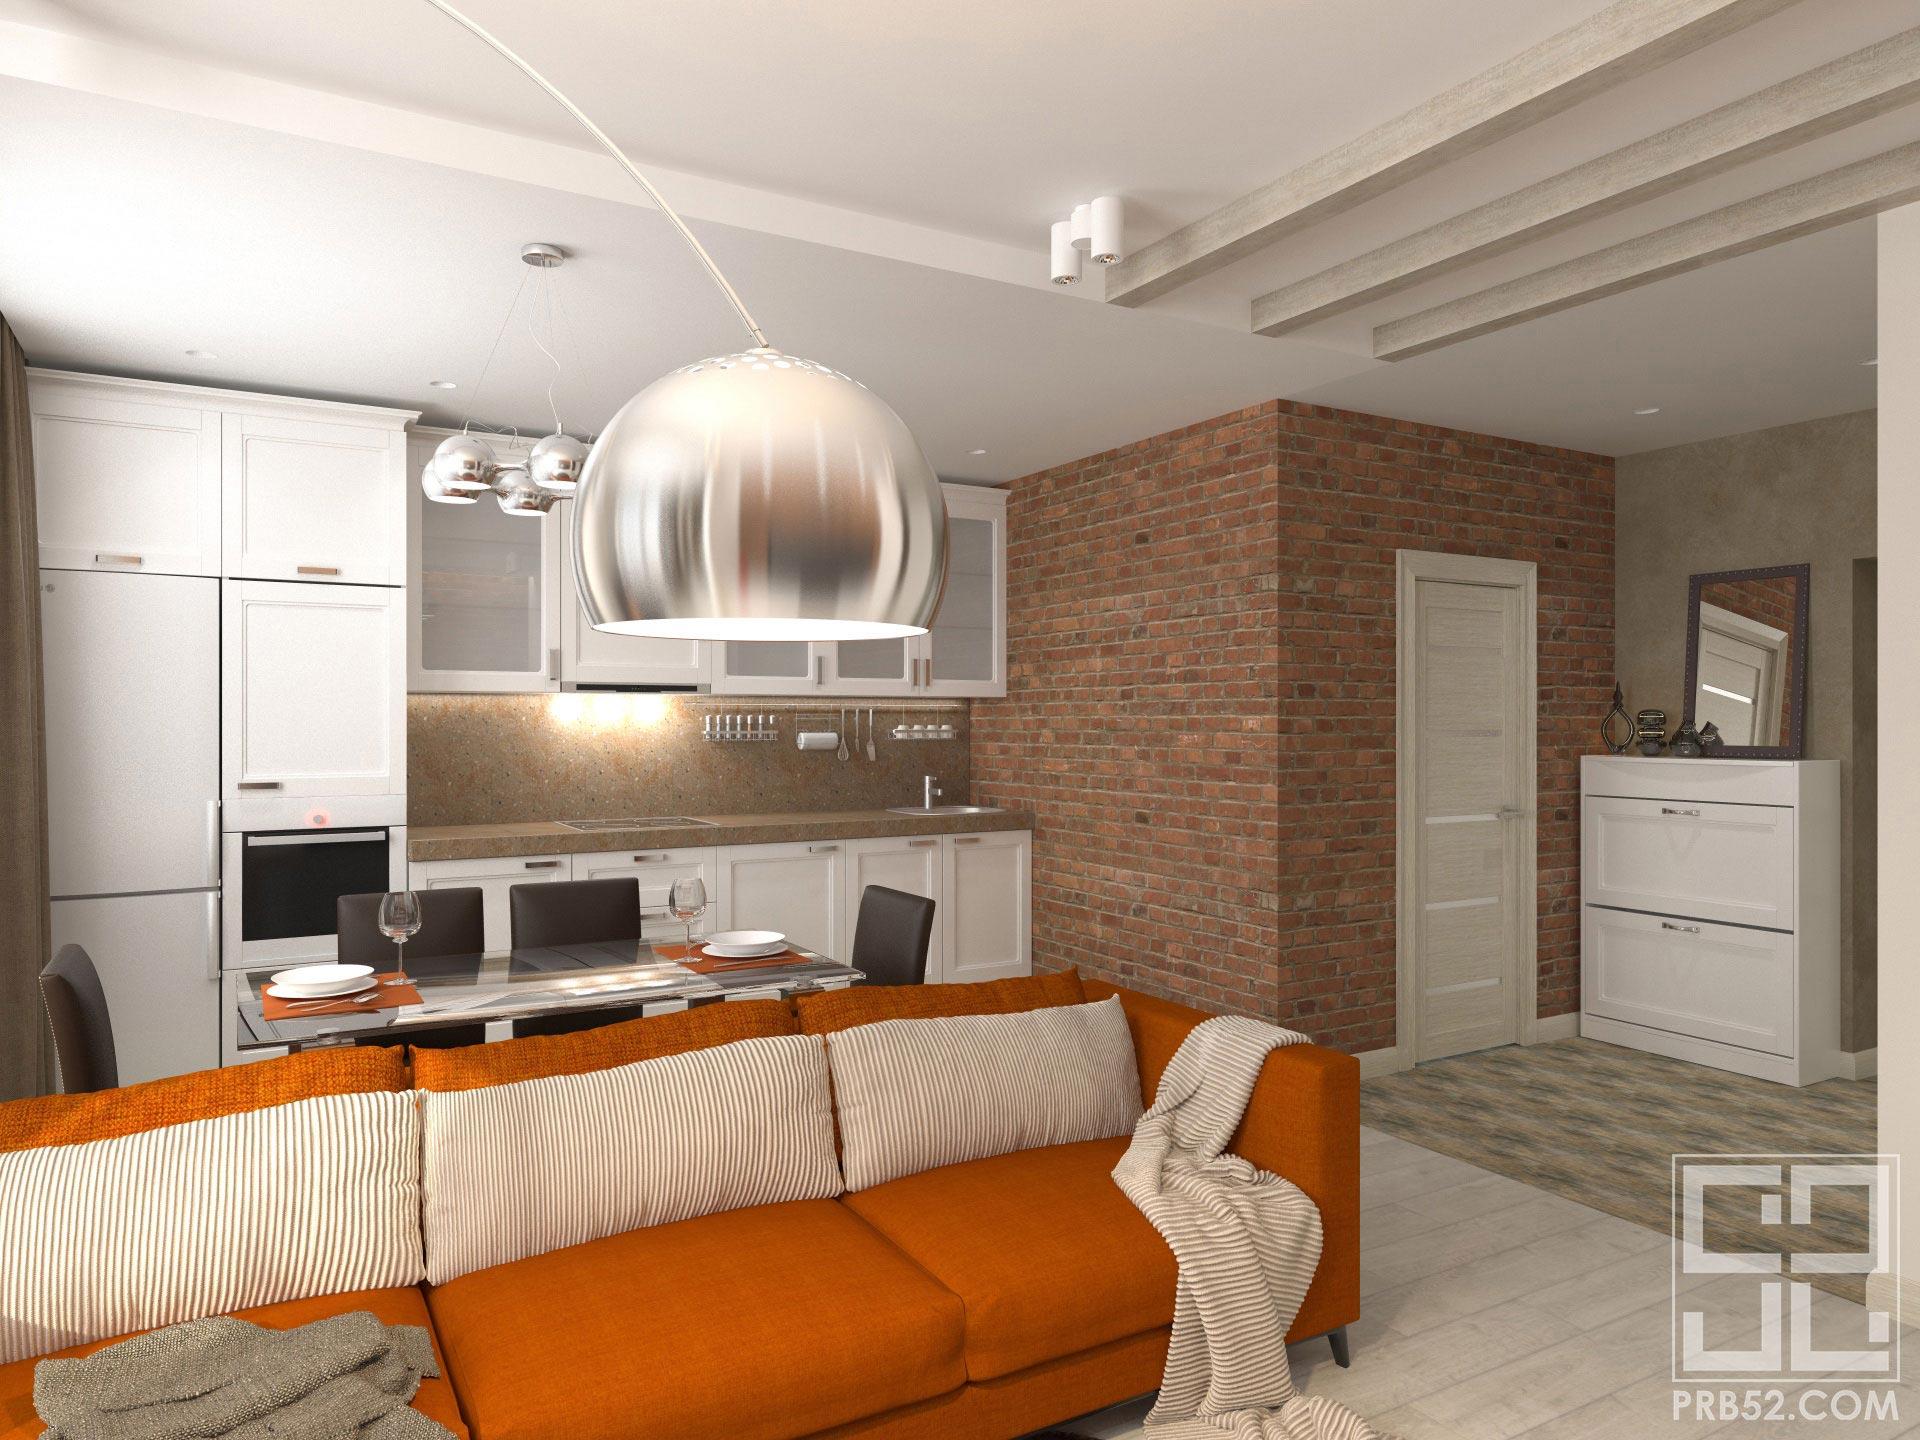 дизайн интерьера кухня объединенная с гостиной